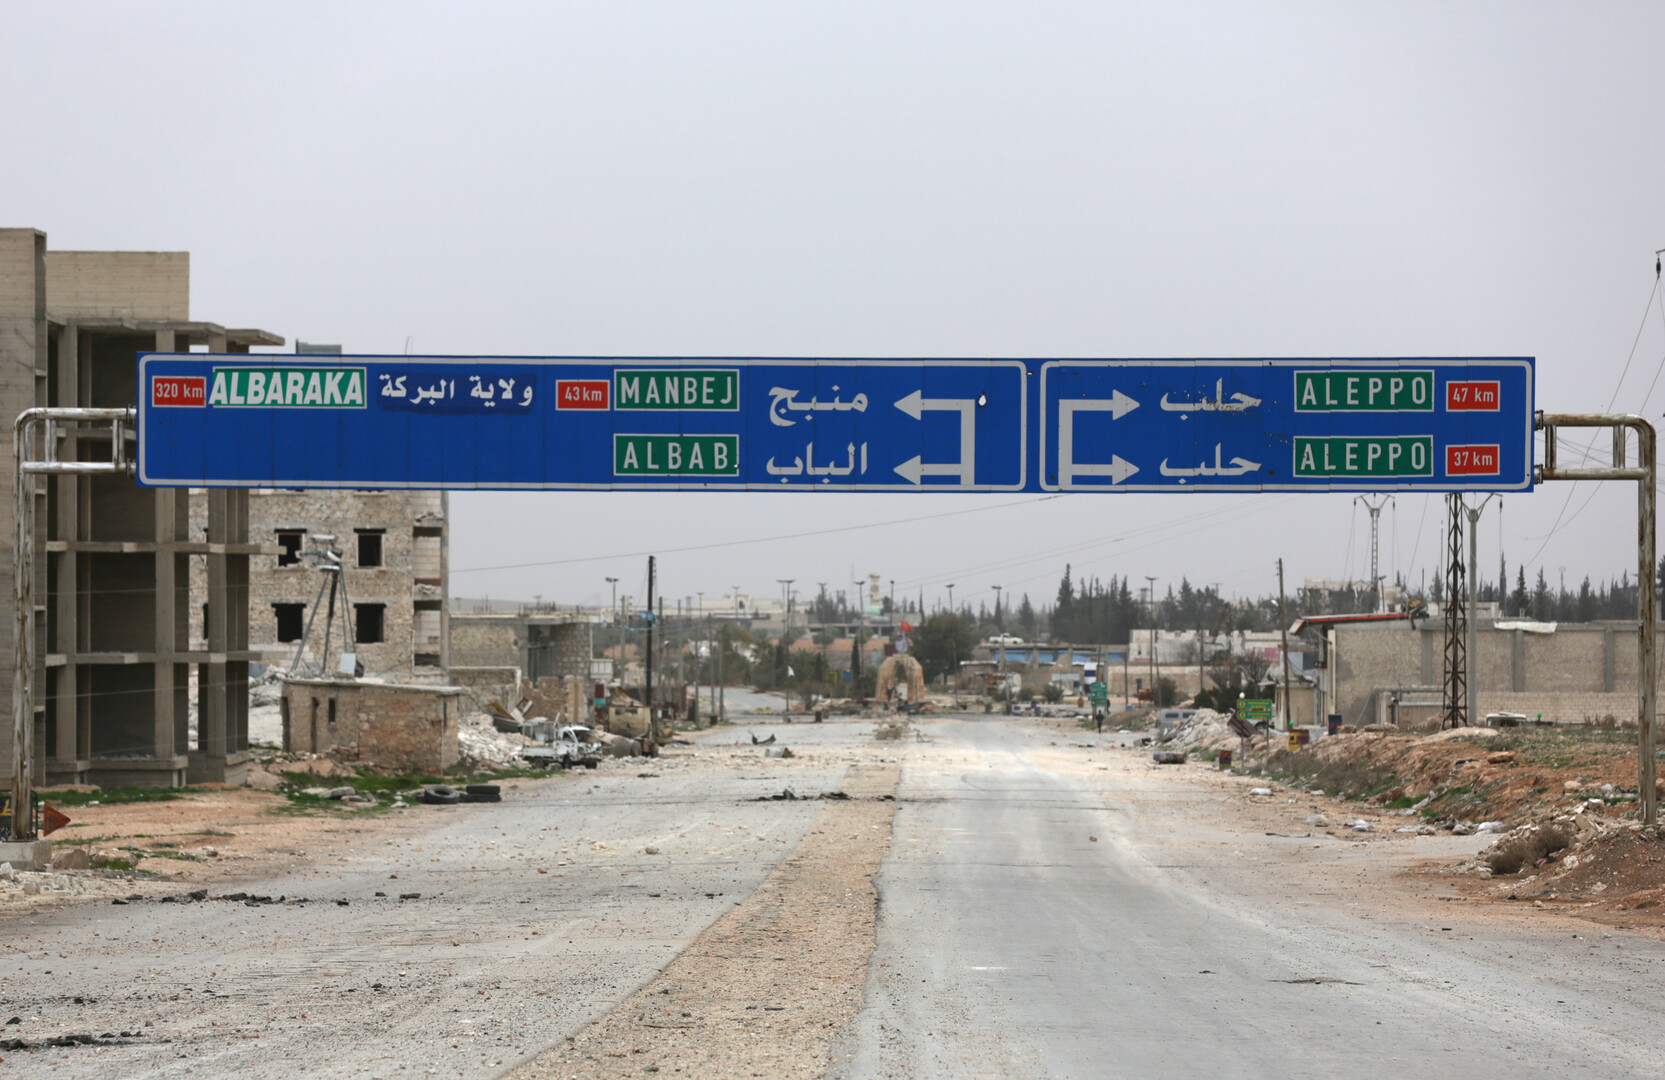 مصدر عسكري: مواقع الجيشين السوري والتركي متقاربة والاشتباك وارد